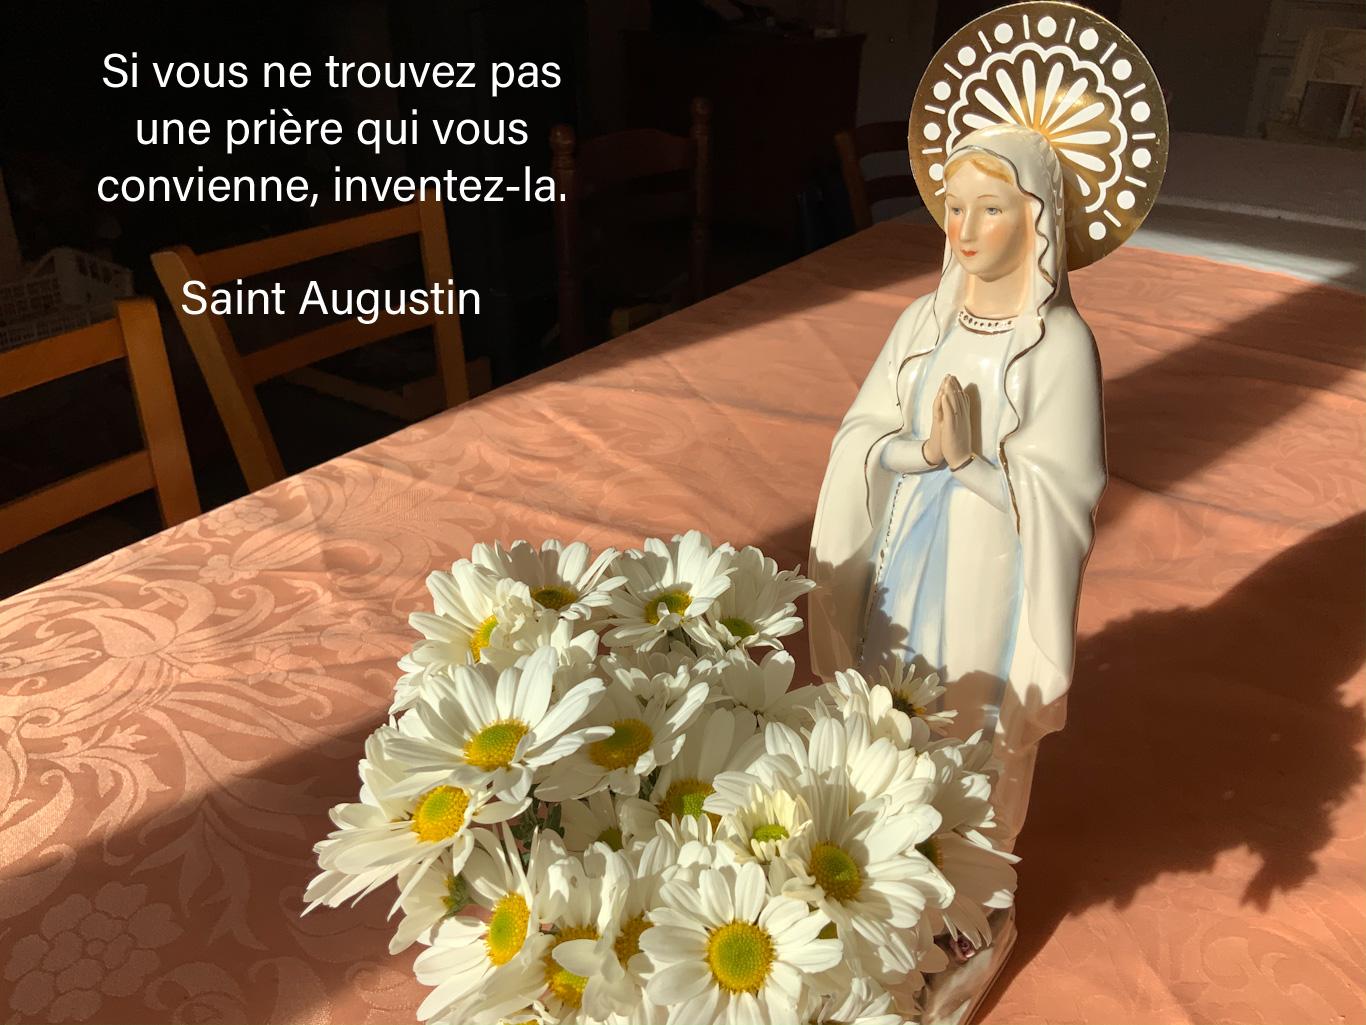 Citation sur la prière, sur une photo de La Vierge Marie